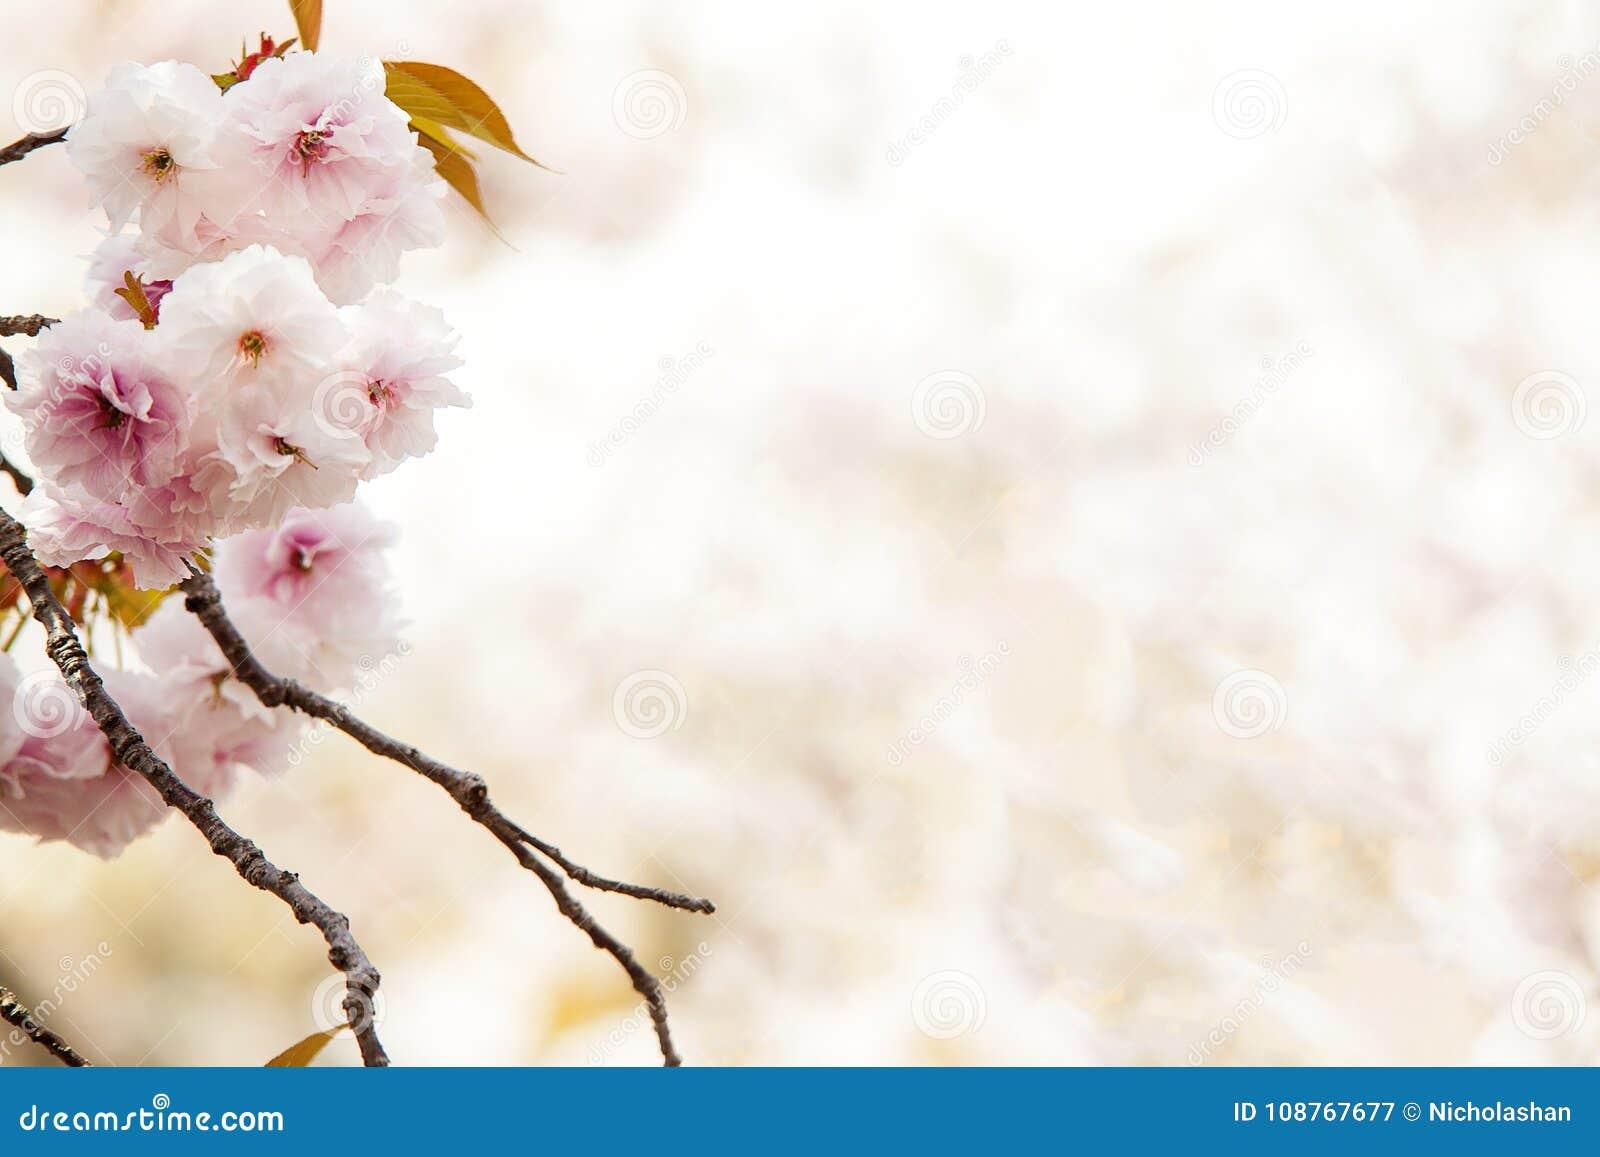 Kersenbloesem, roze bloemen in het bloeien met aardige achtergrond